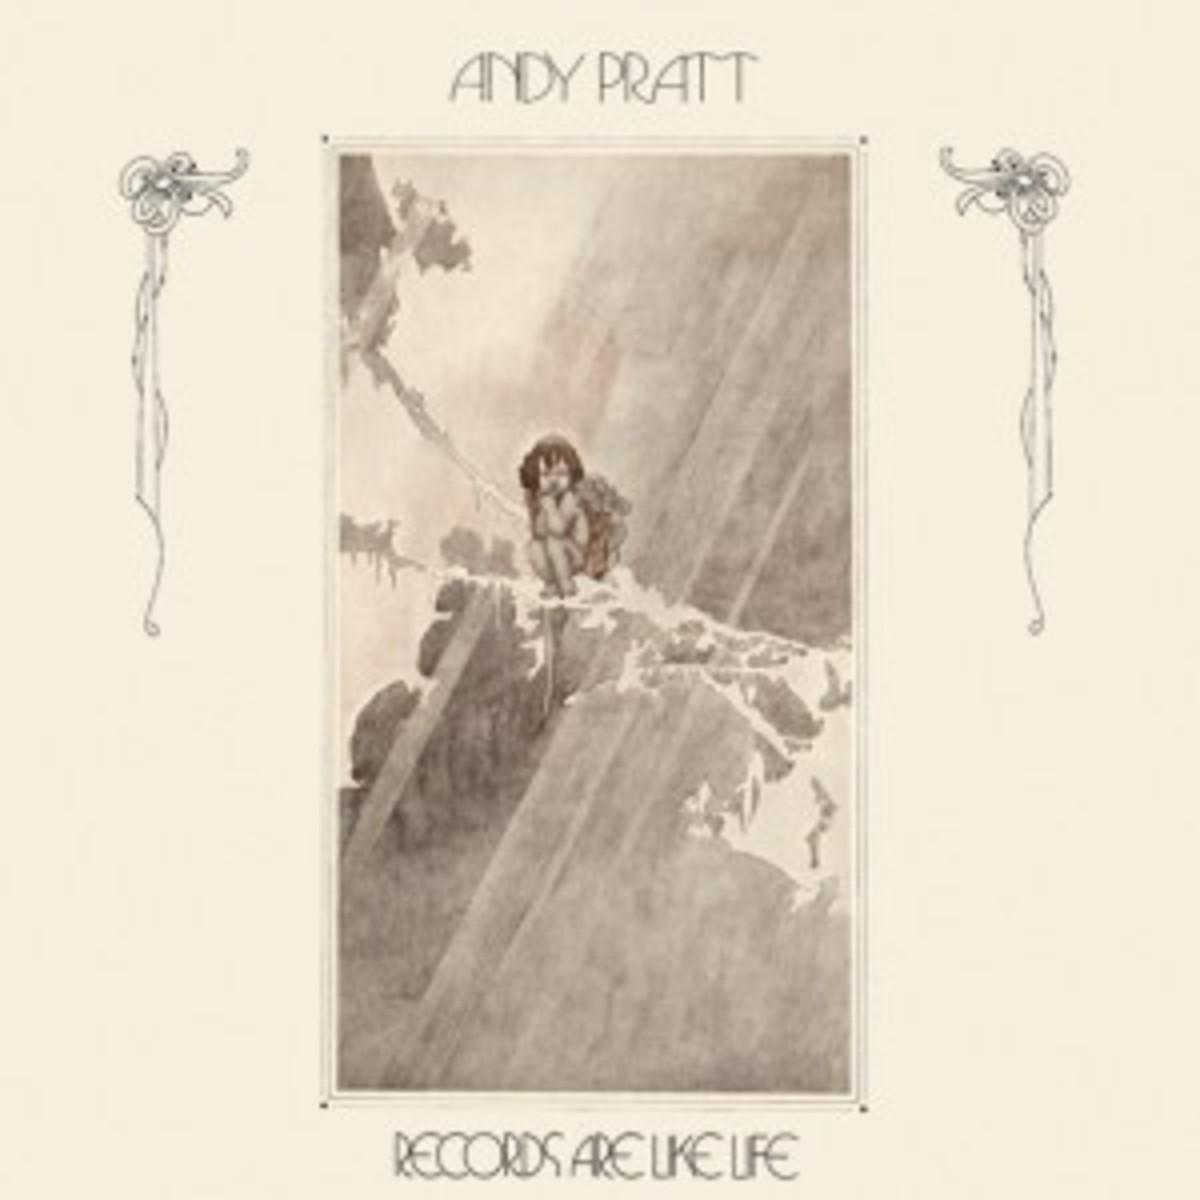 Andy Partt album